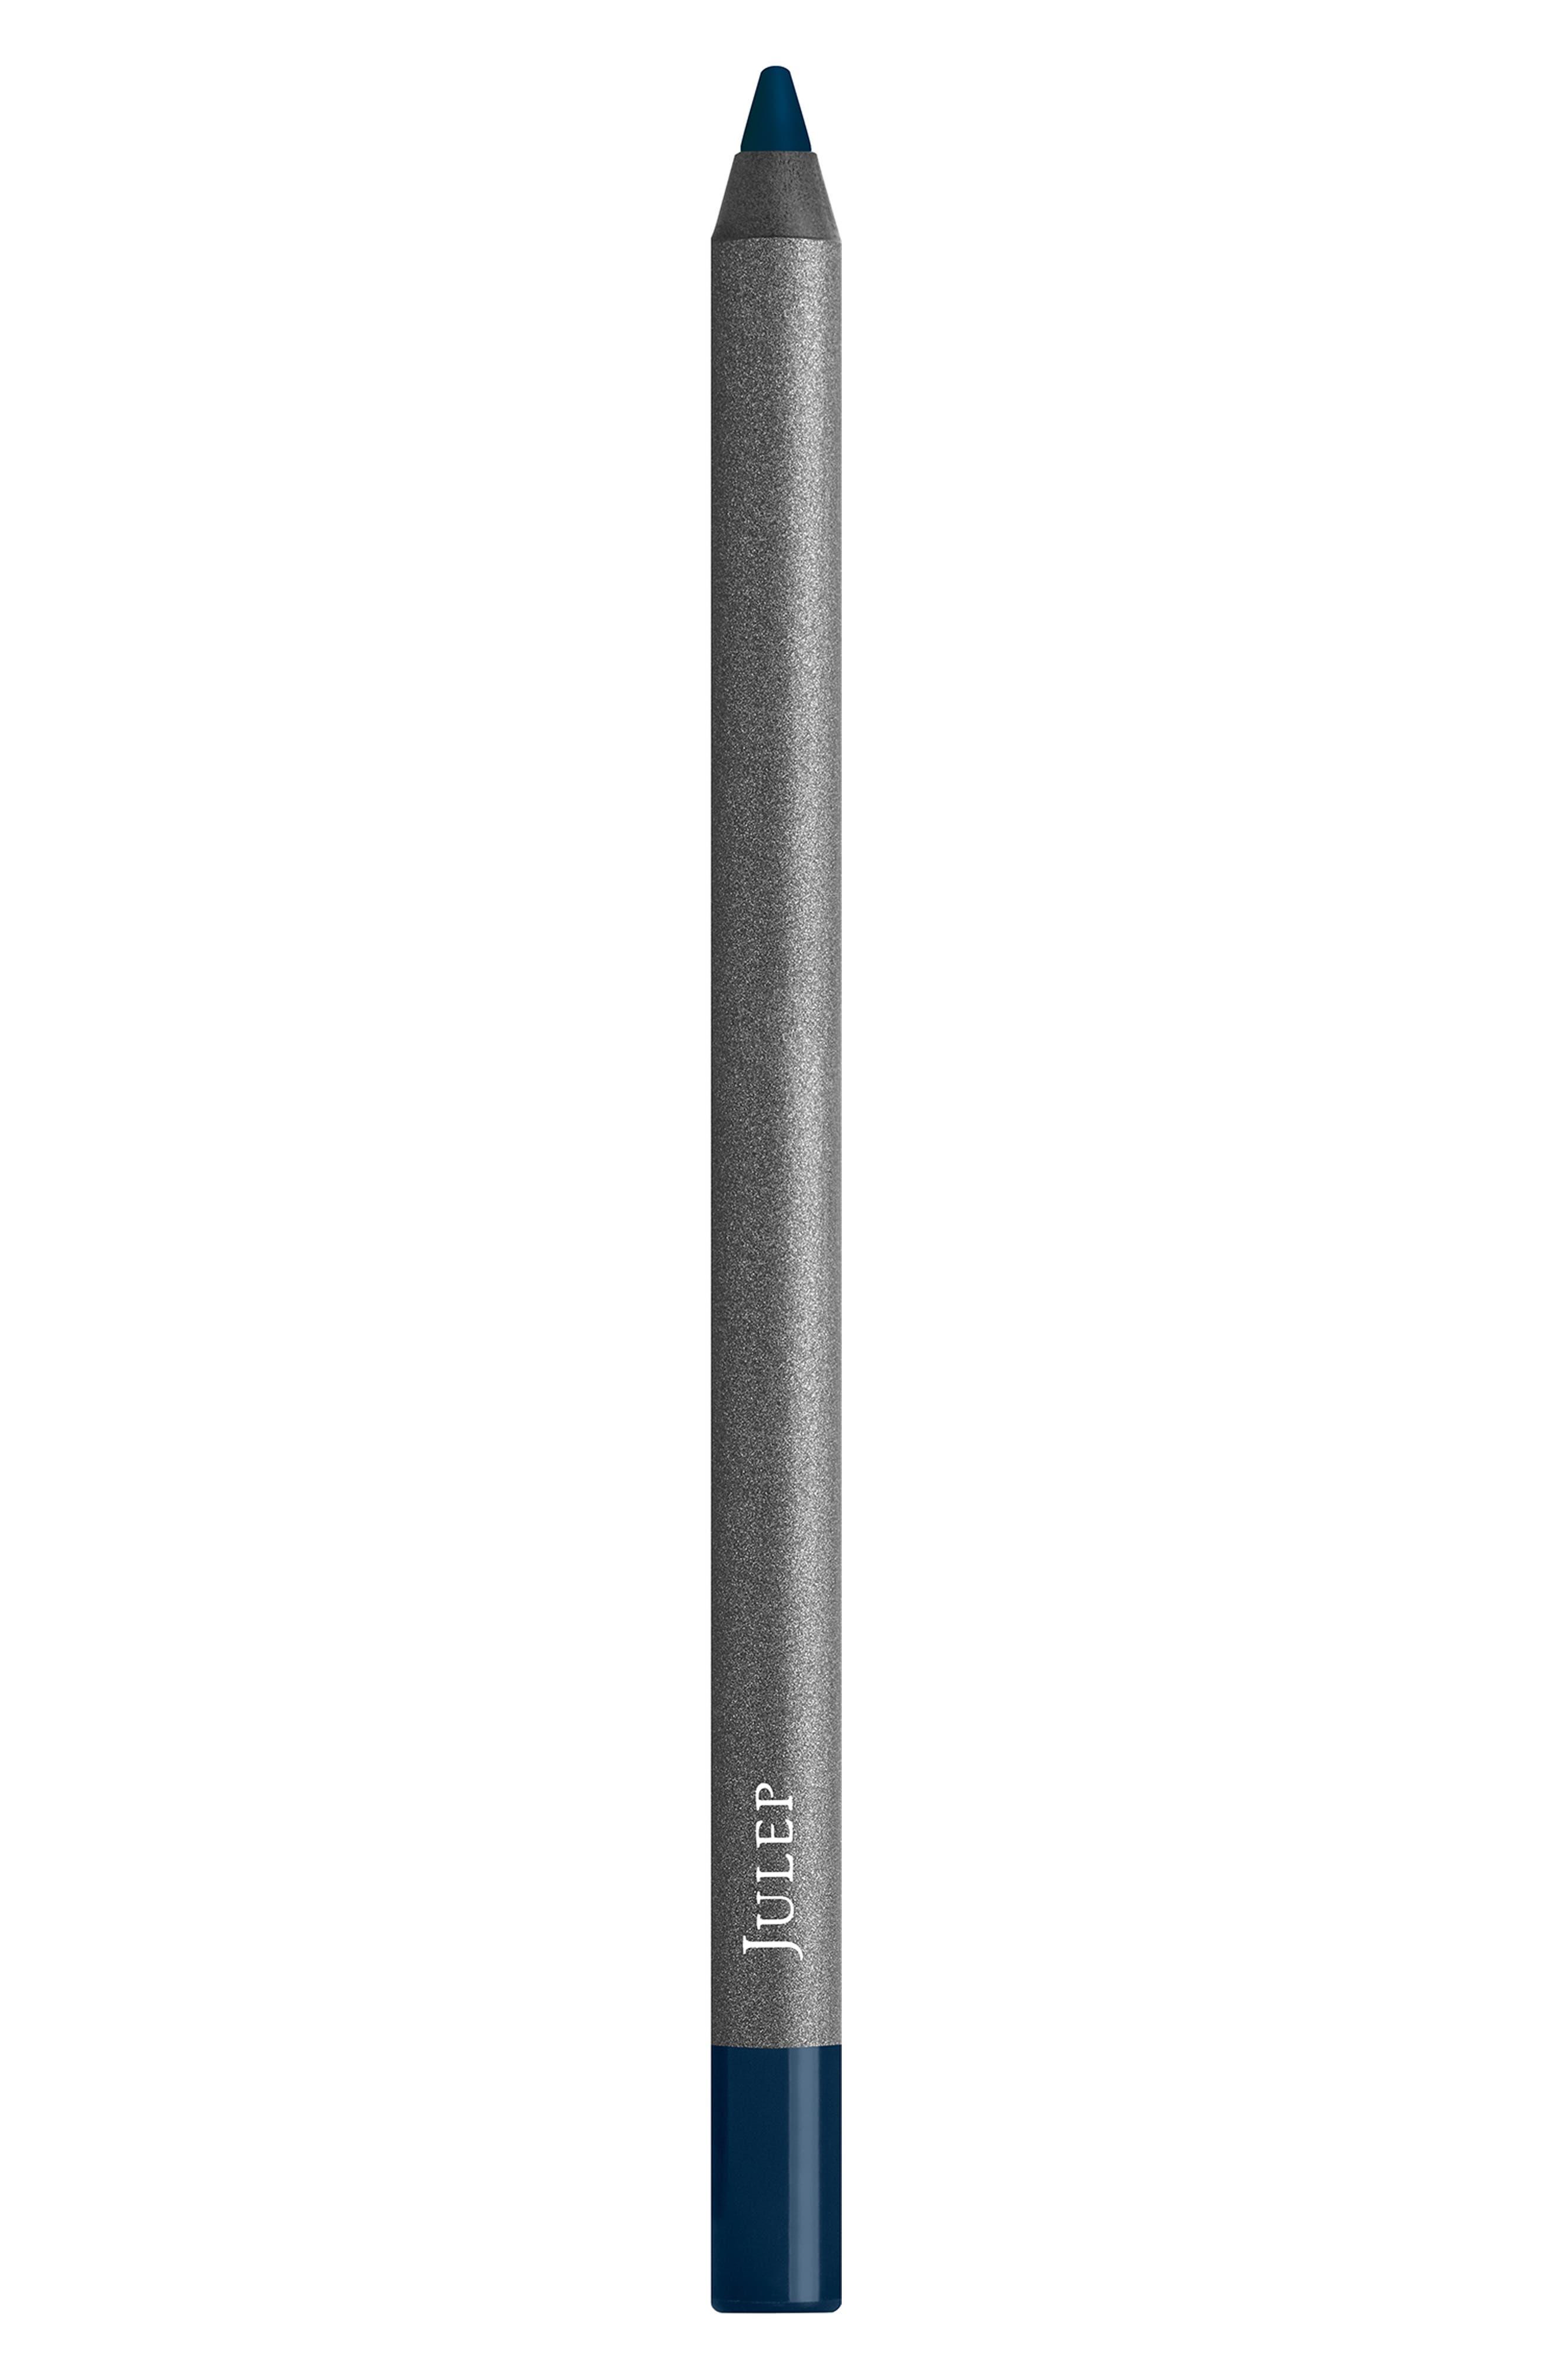 Julep(TM) When Pencil Met Gel Long-Lasting Eyeliner - Navy Smoke